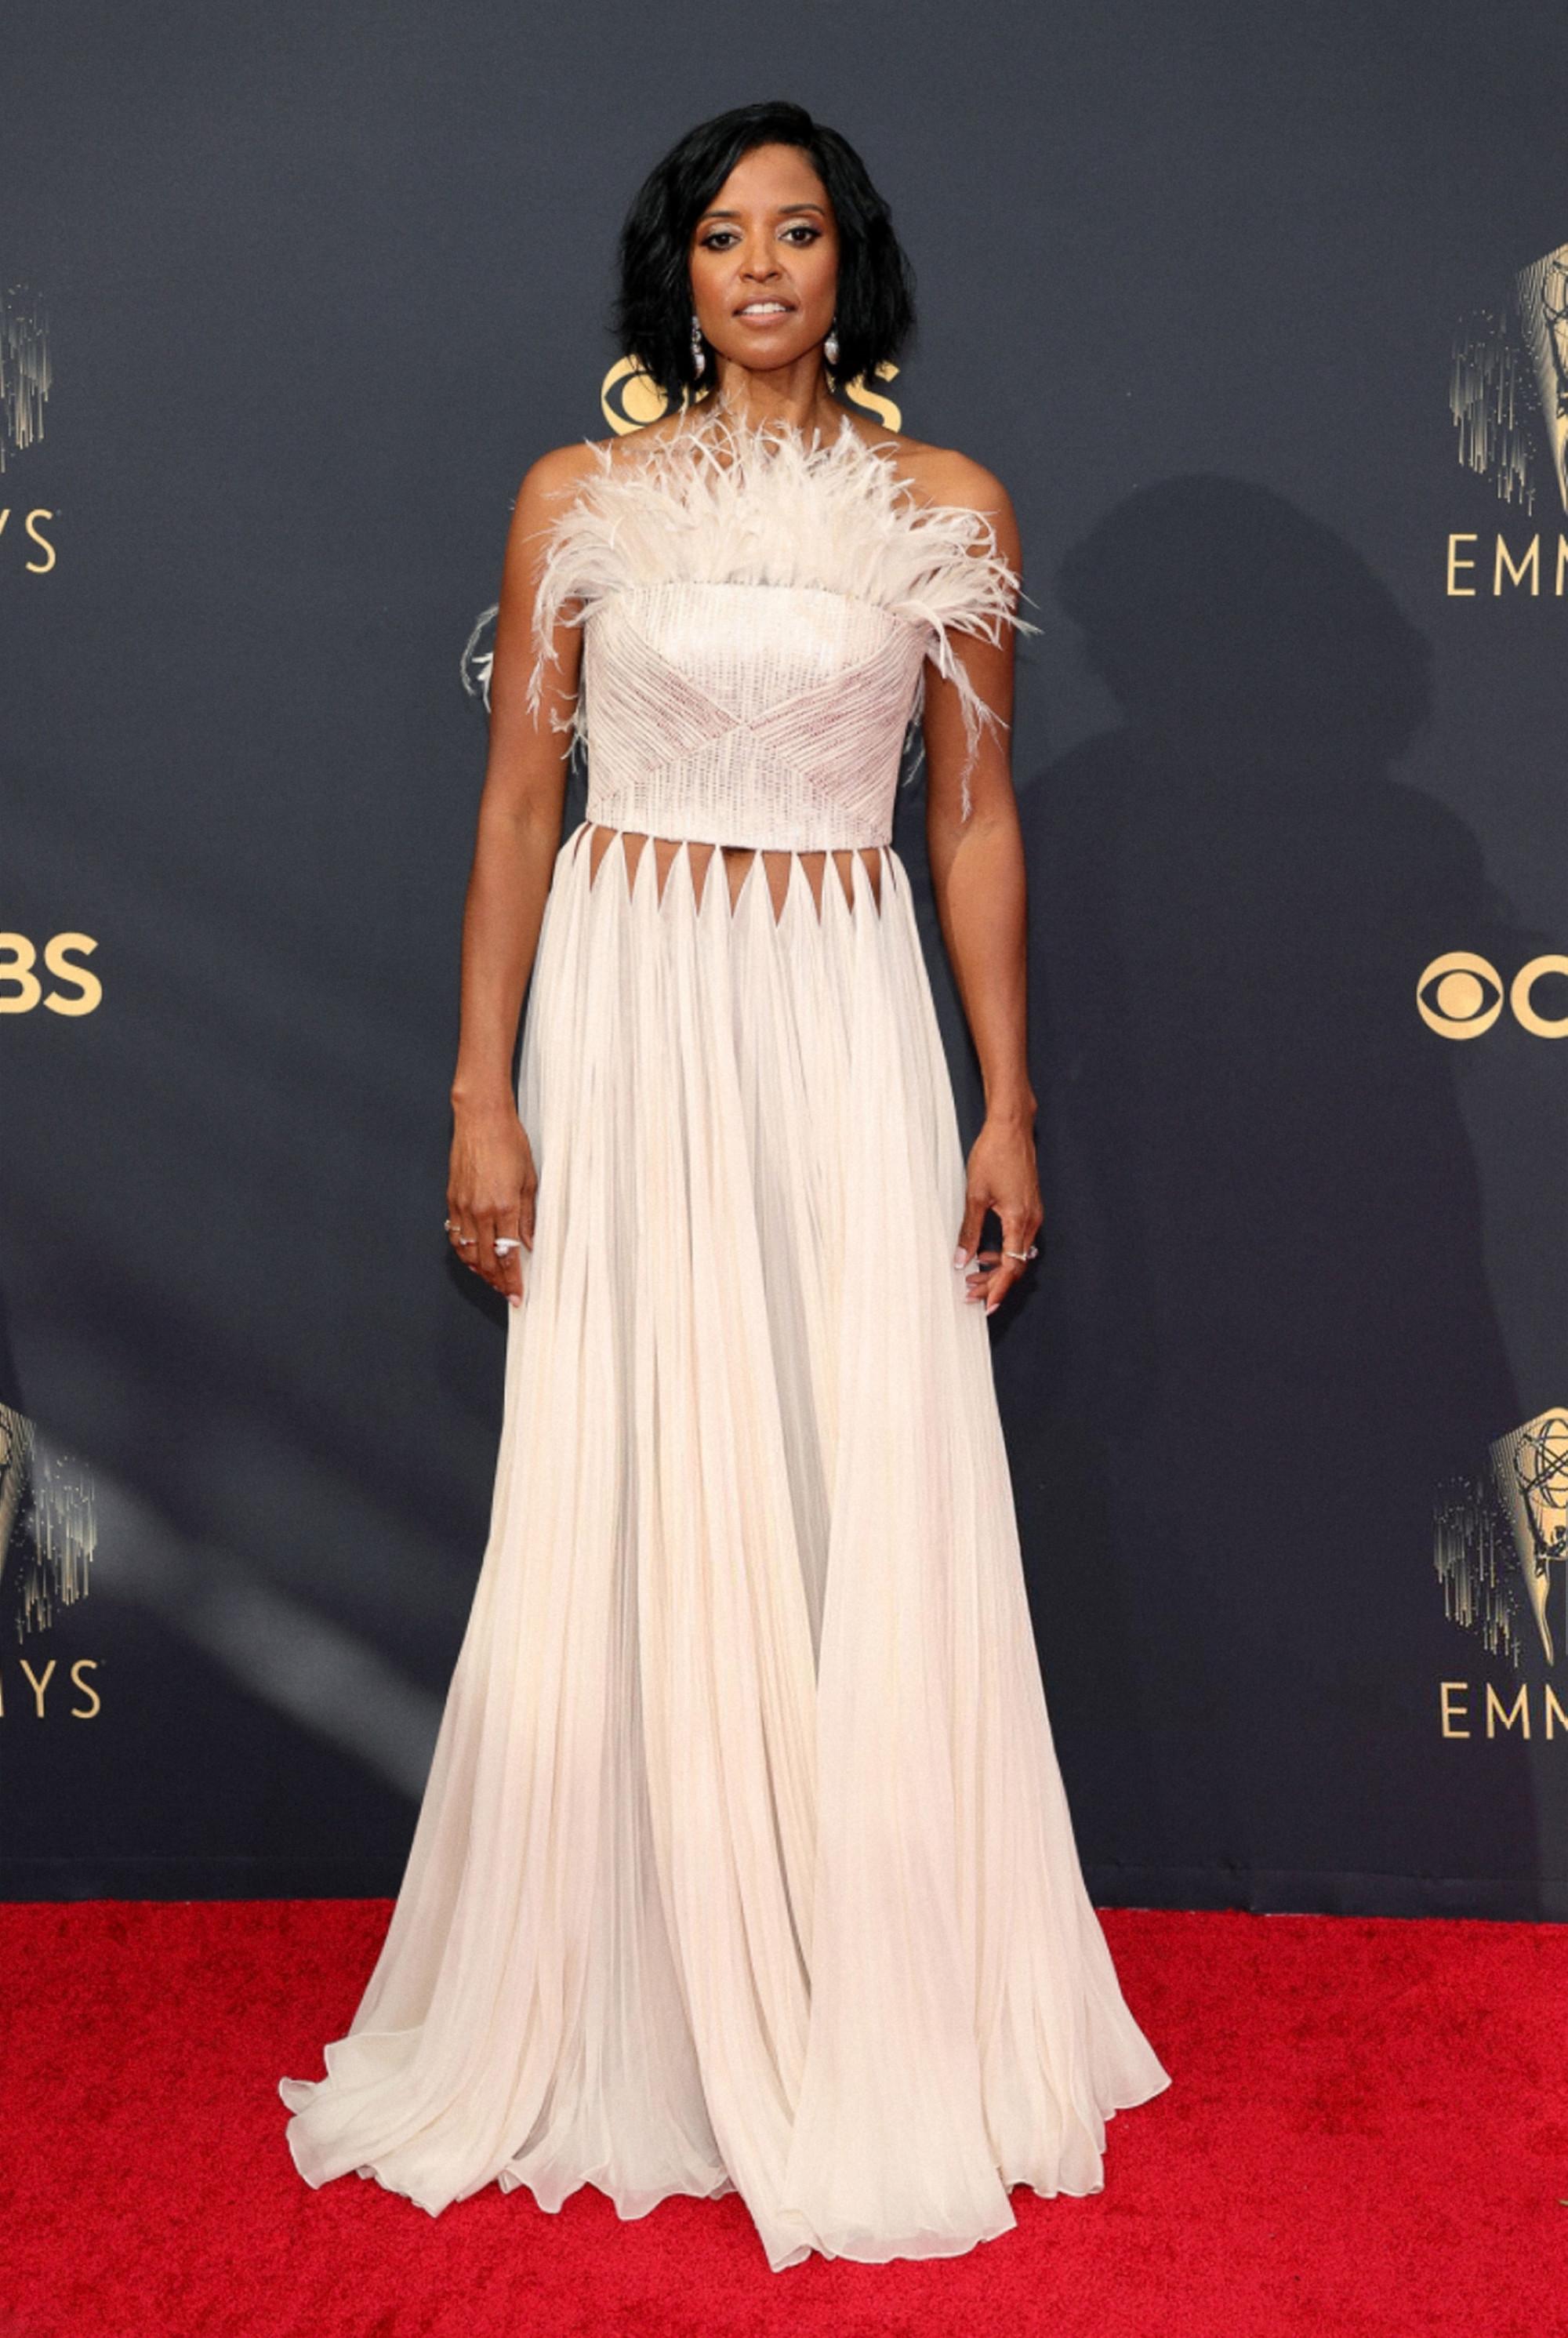 Nữ diễn viên Renee Elise Goldsberry cũng chọn trang phục của Công Trí để xuất hiện tại thảm đỏ Emmy năm nay, nhưng nằm trong BST Thu - Đông 2020. Chiếc áo cúp ngực được làm bằng vải tweed đính kết lông vũ kỳ công. Trong khi đó, phần chân váy được thực hiện bằng chất liệu tơ tằm để tăng sự quyến rũ, mềm mại.